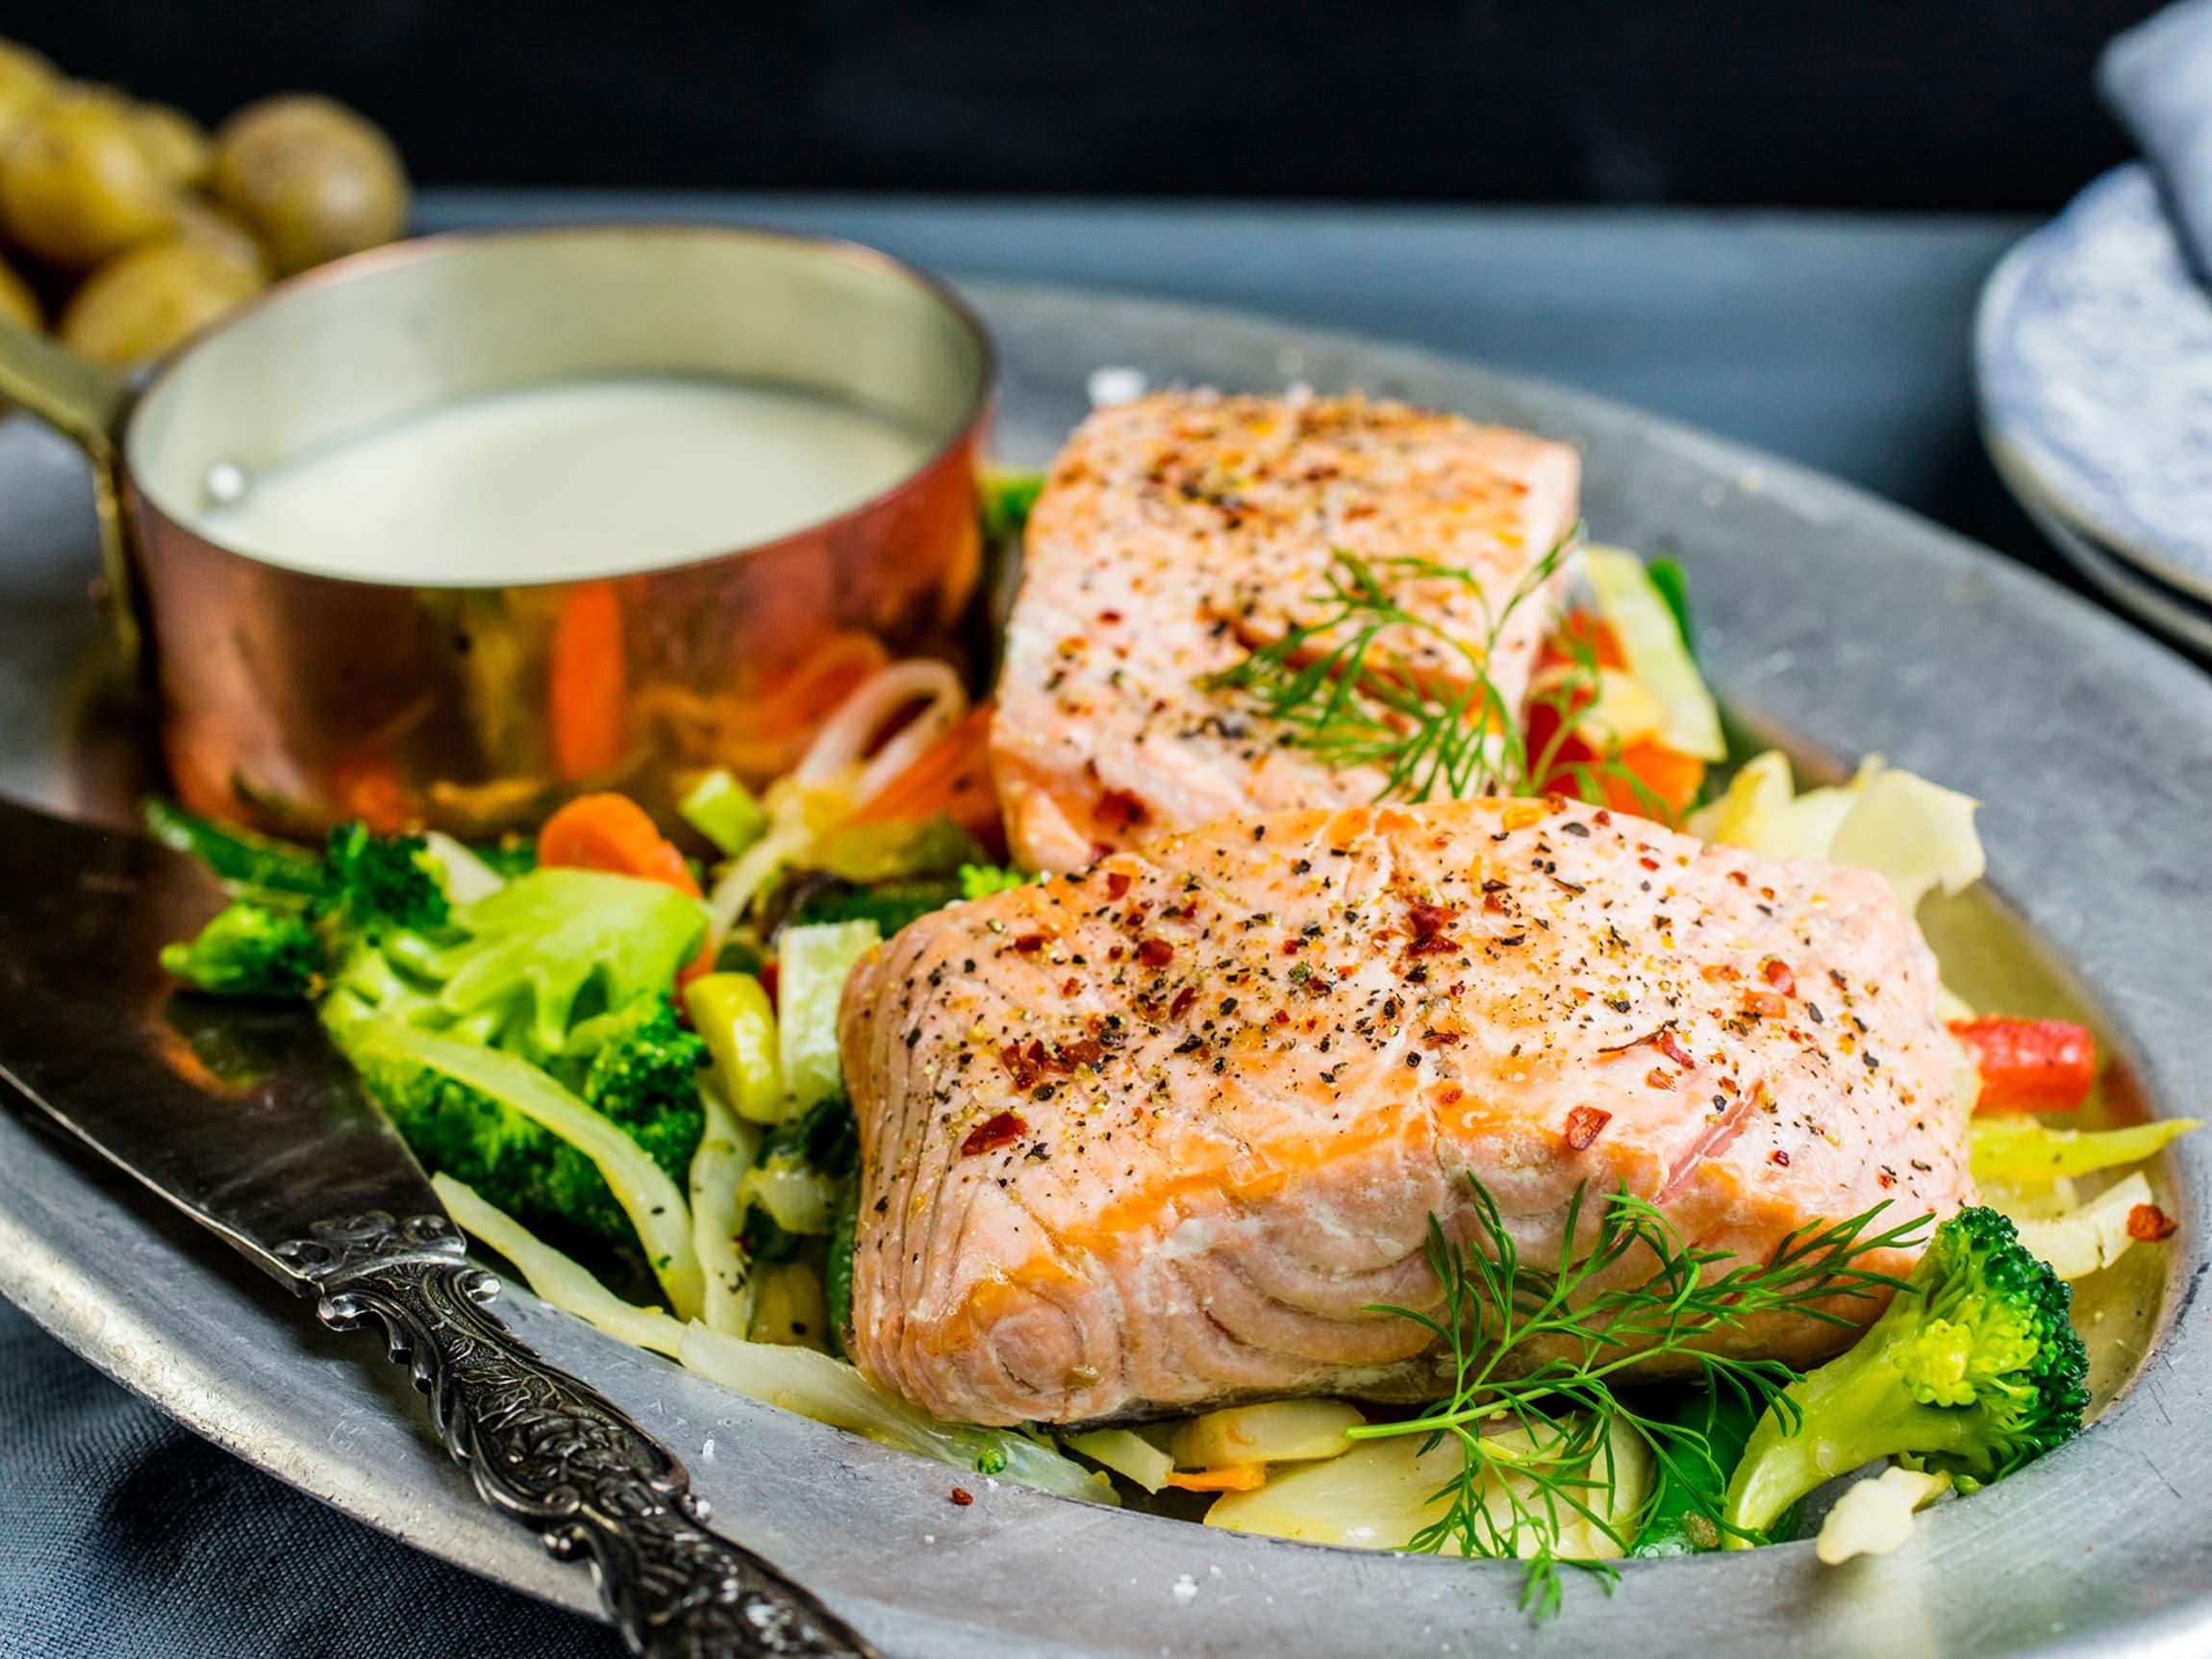 Laks er en smaksrik, saftig fisk som passer til det aller meste